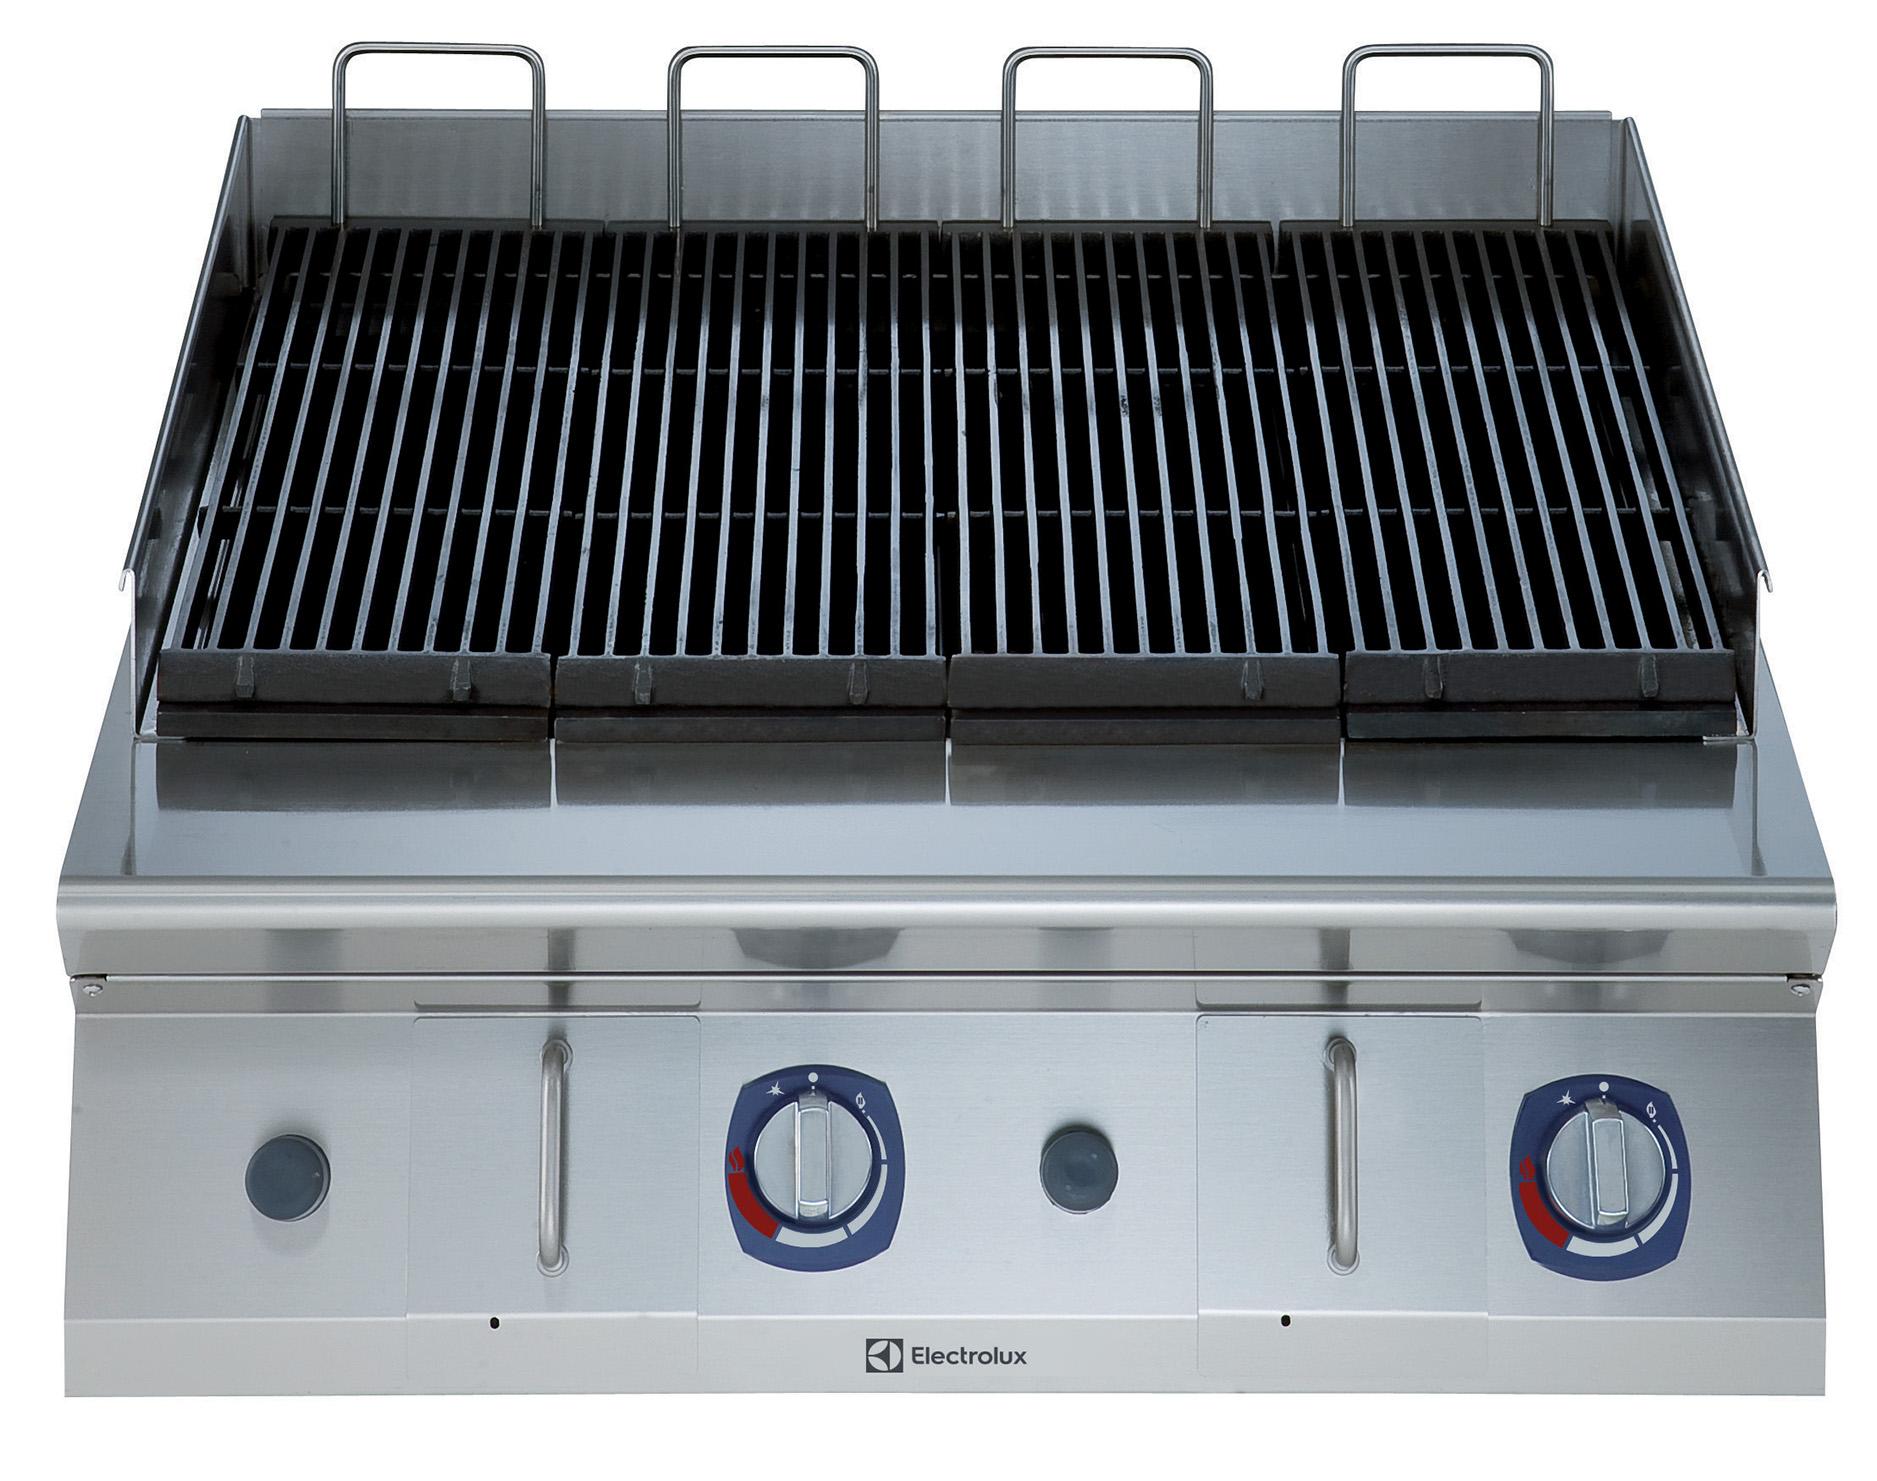 Electrolux Professional 900XP Gas Grills - Price (prezzo, prix ...